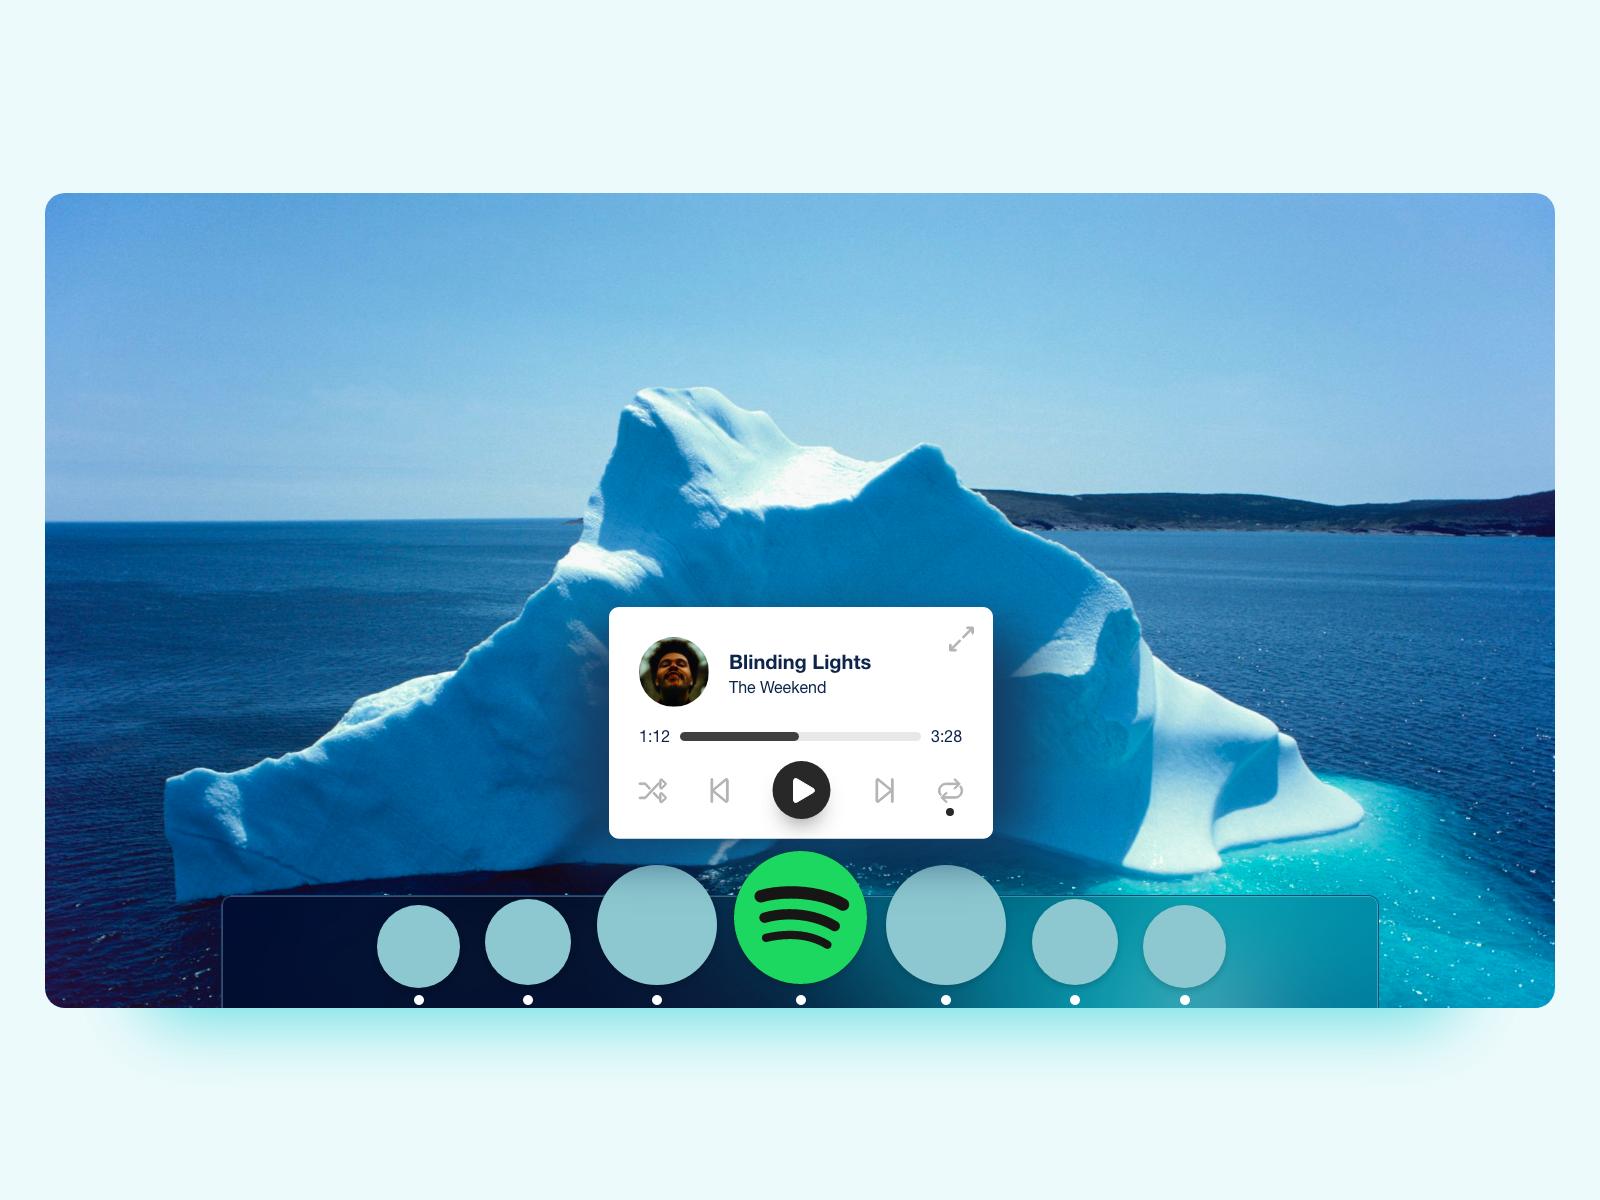 Spotify mac dock popover